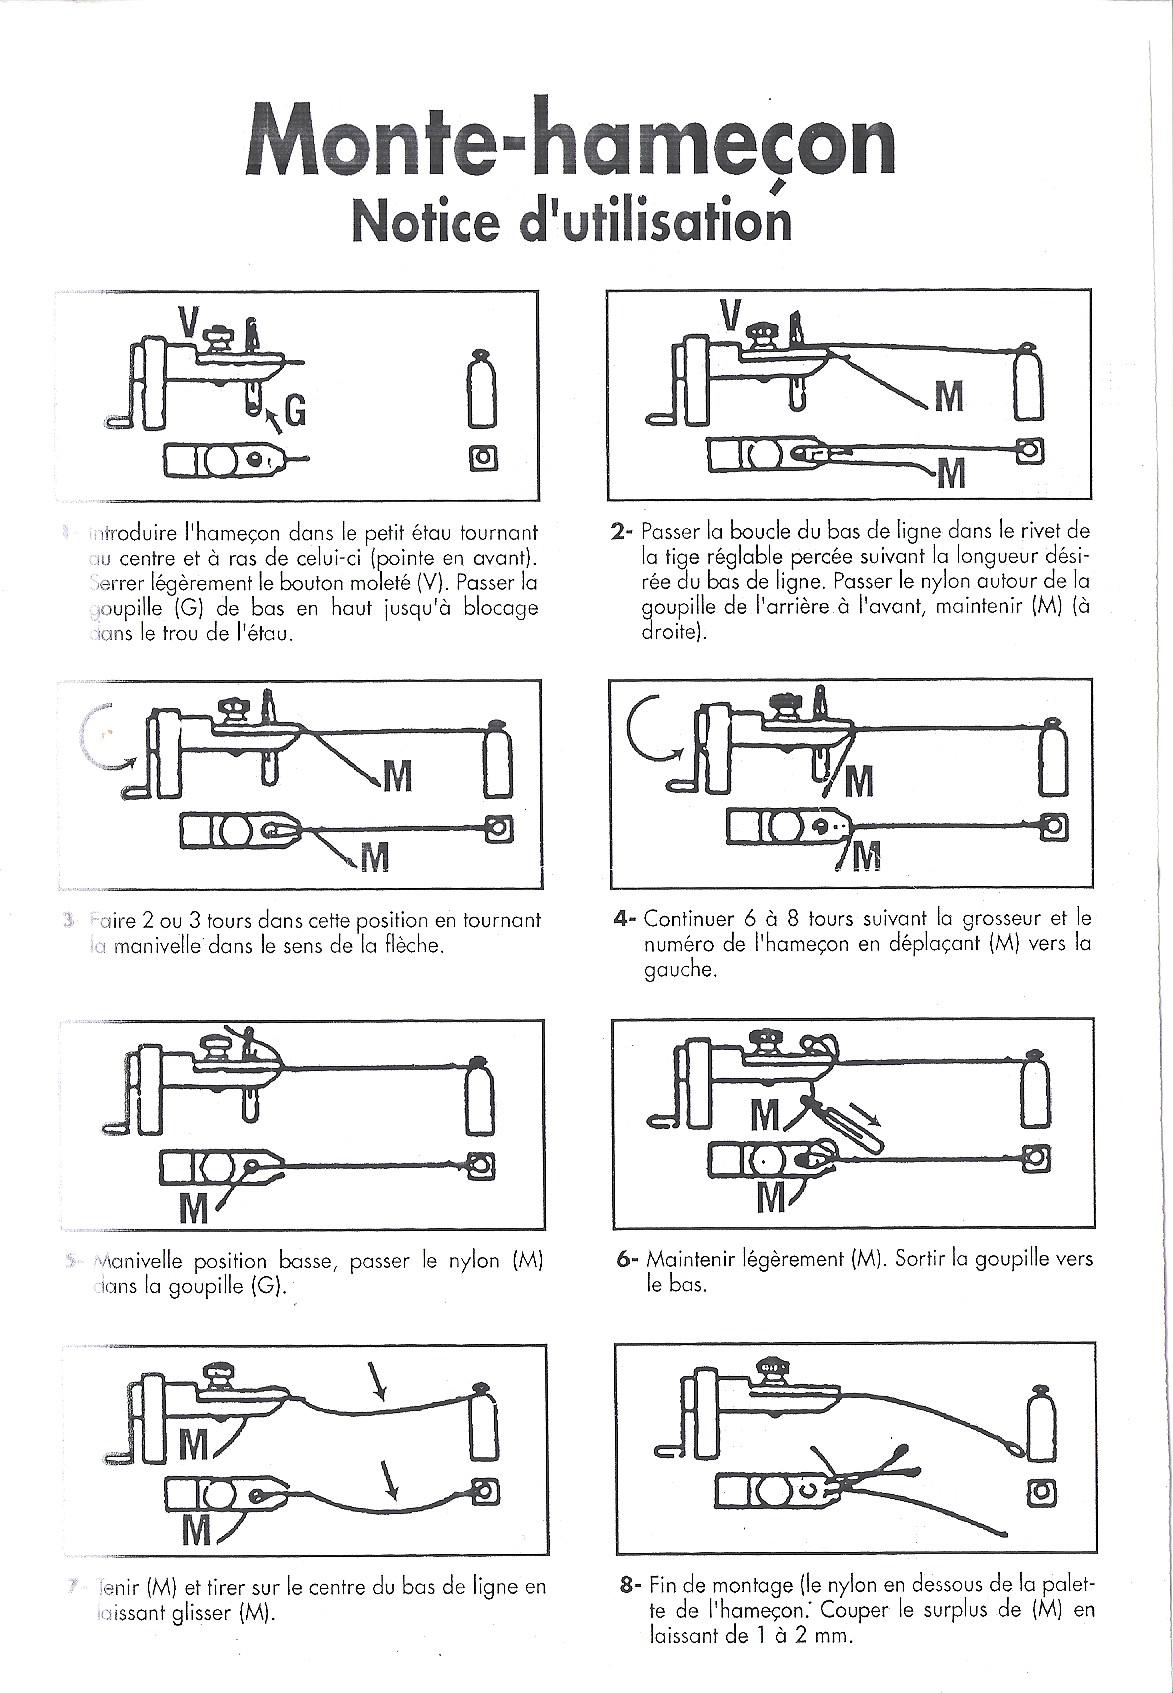 guides d utilisation du mat riel de p che. Black Bedroom Furniture Sets. Home Design Ideas